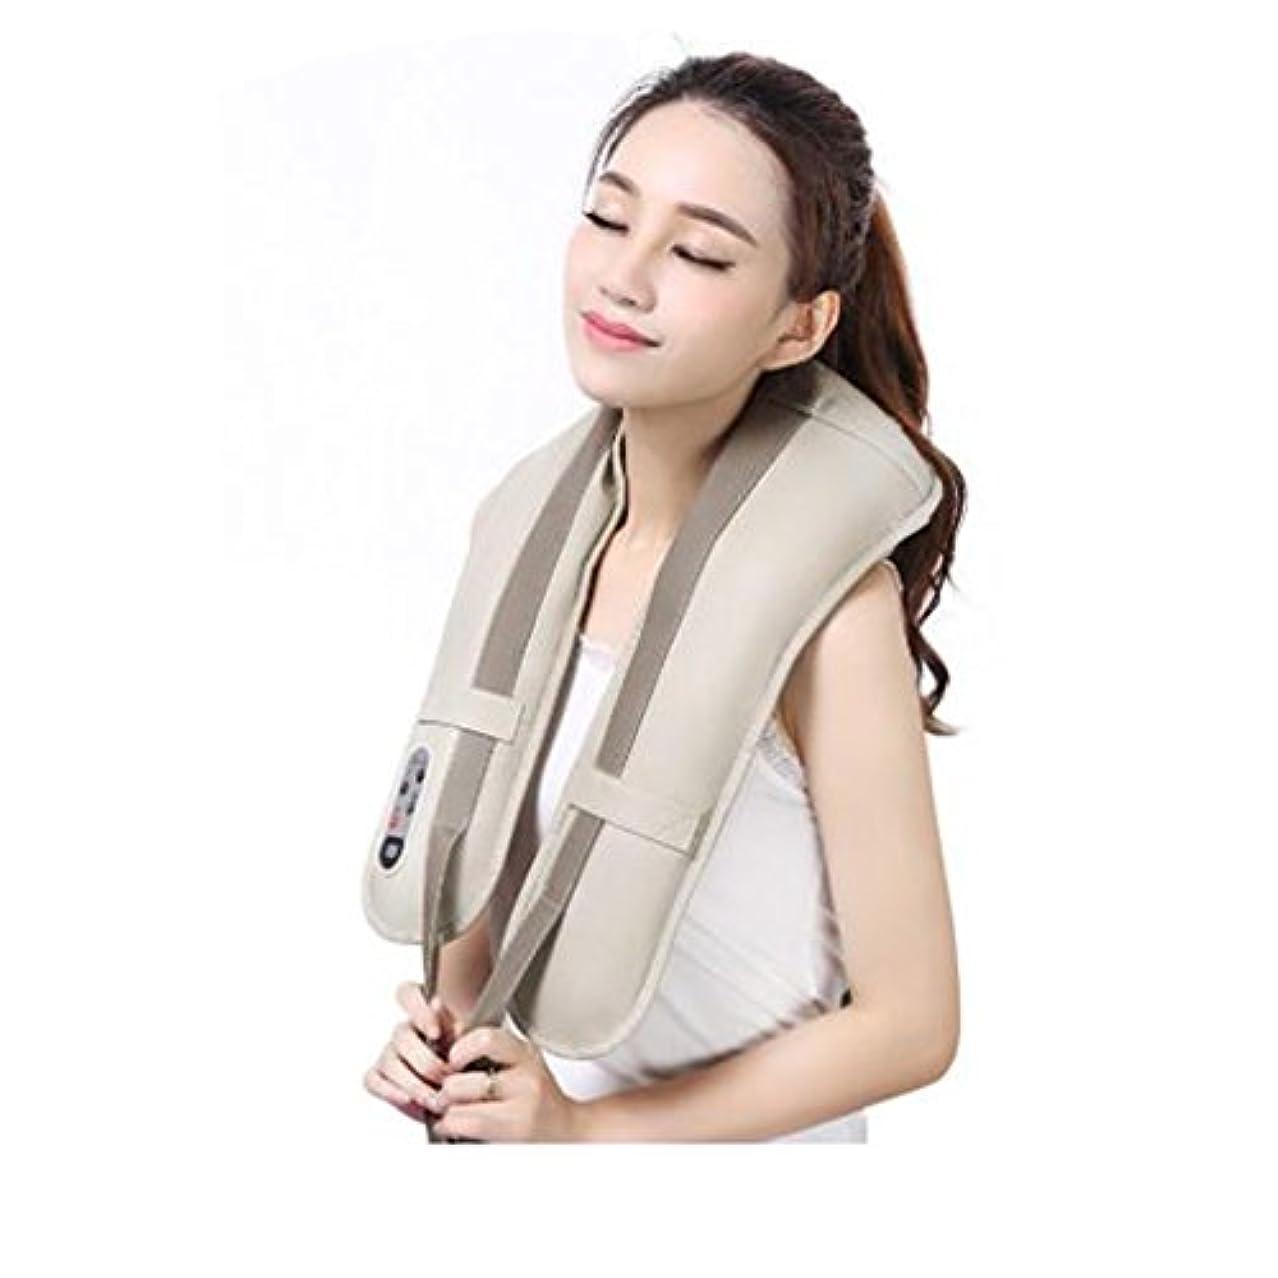 交渉する冷える結婚式ホットネックマッサージャーポータブル電気パーカッション頸部マッサージショールの痛みの首と肩の多機能タップマッサージャー (色 : A)